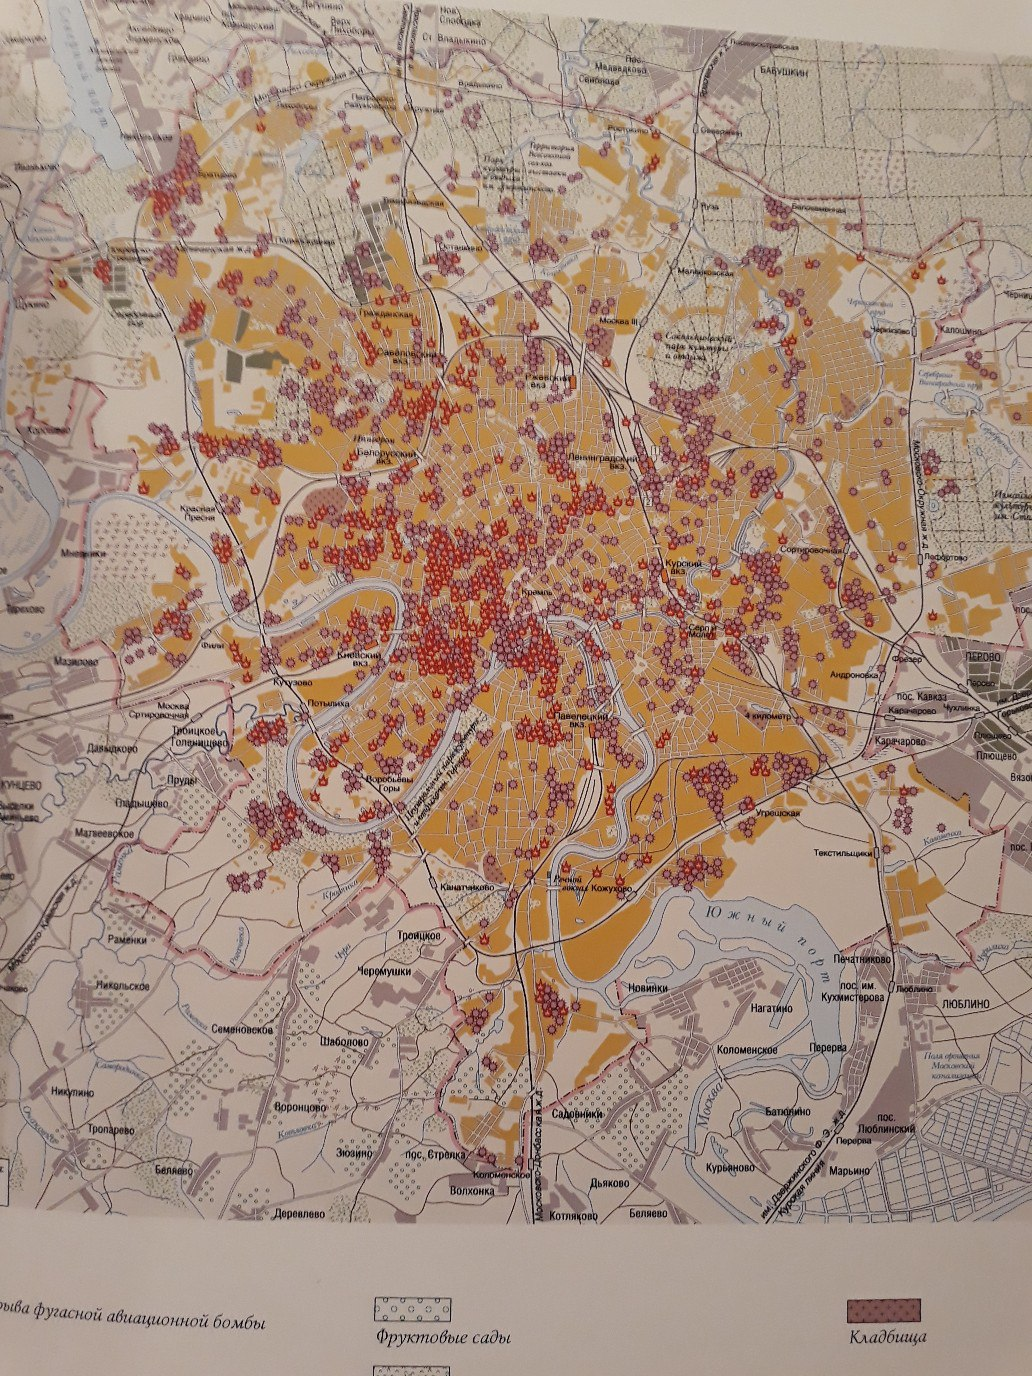 Карта поражения объектов Москвы, вызванные немецкими авианалетами с 21.07.1941 по 05.04.1942 г.